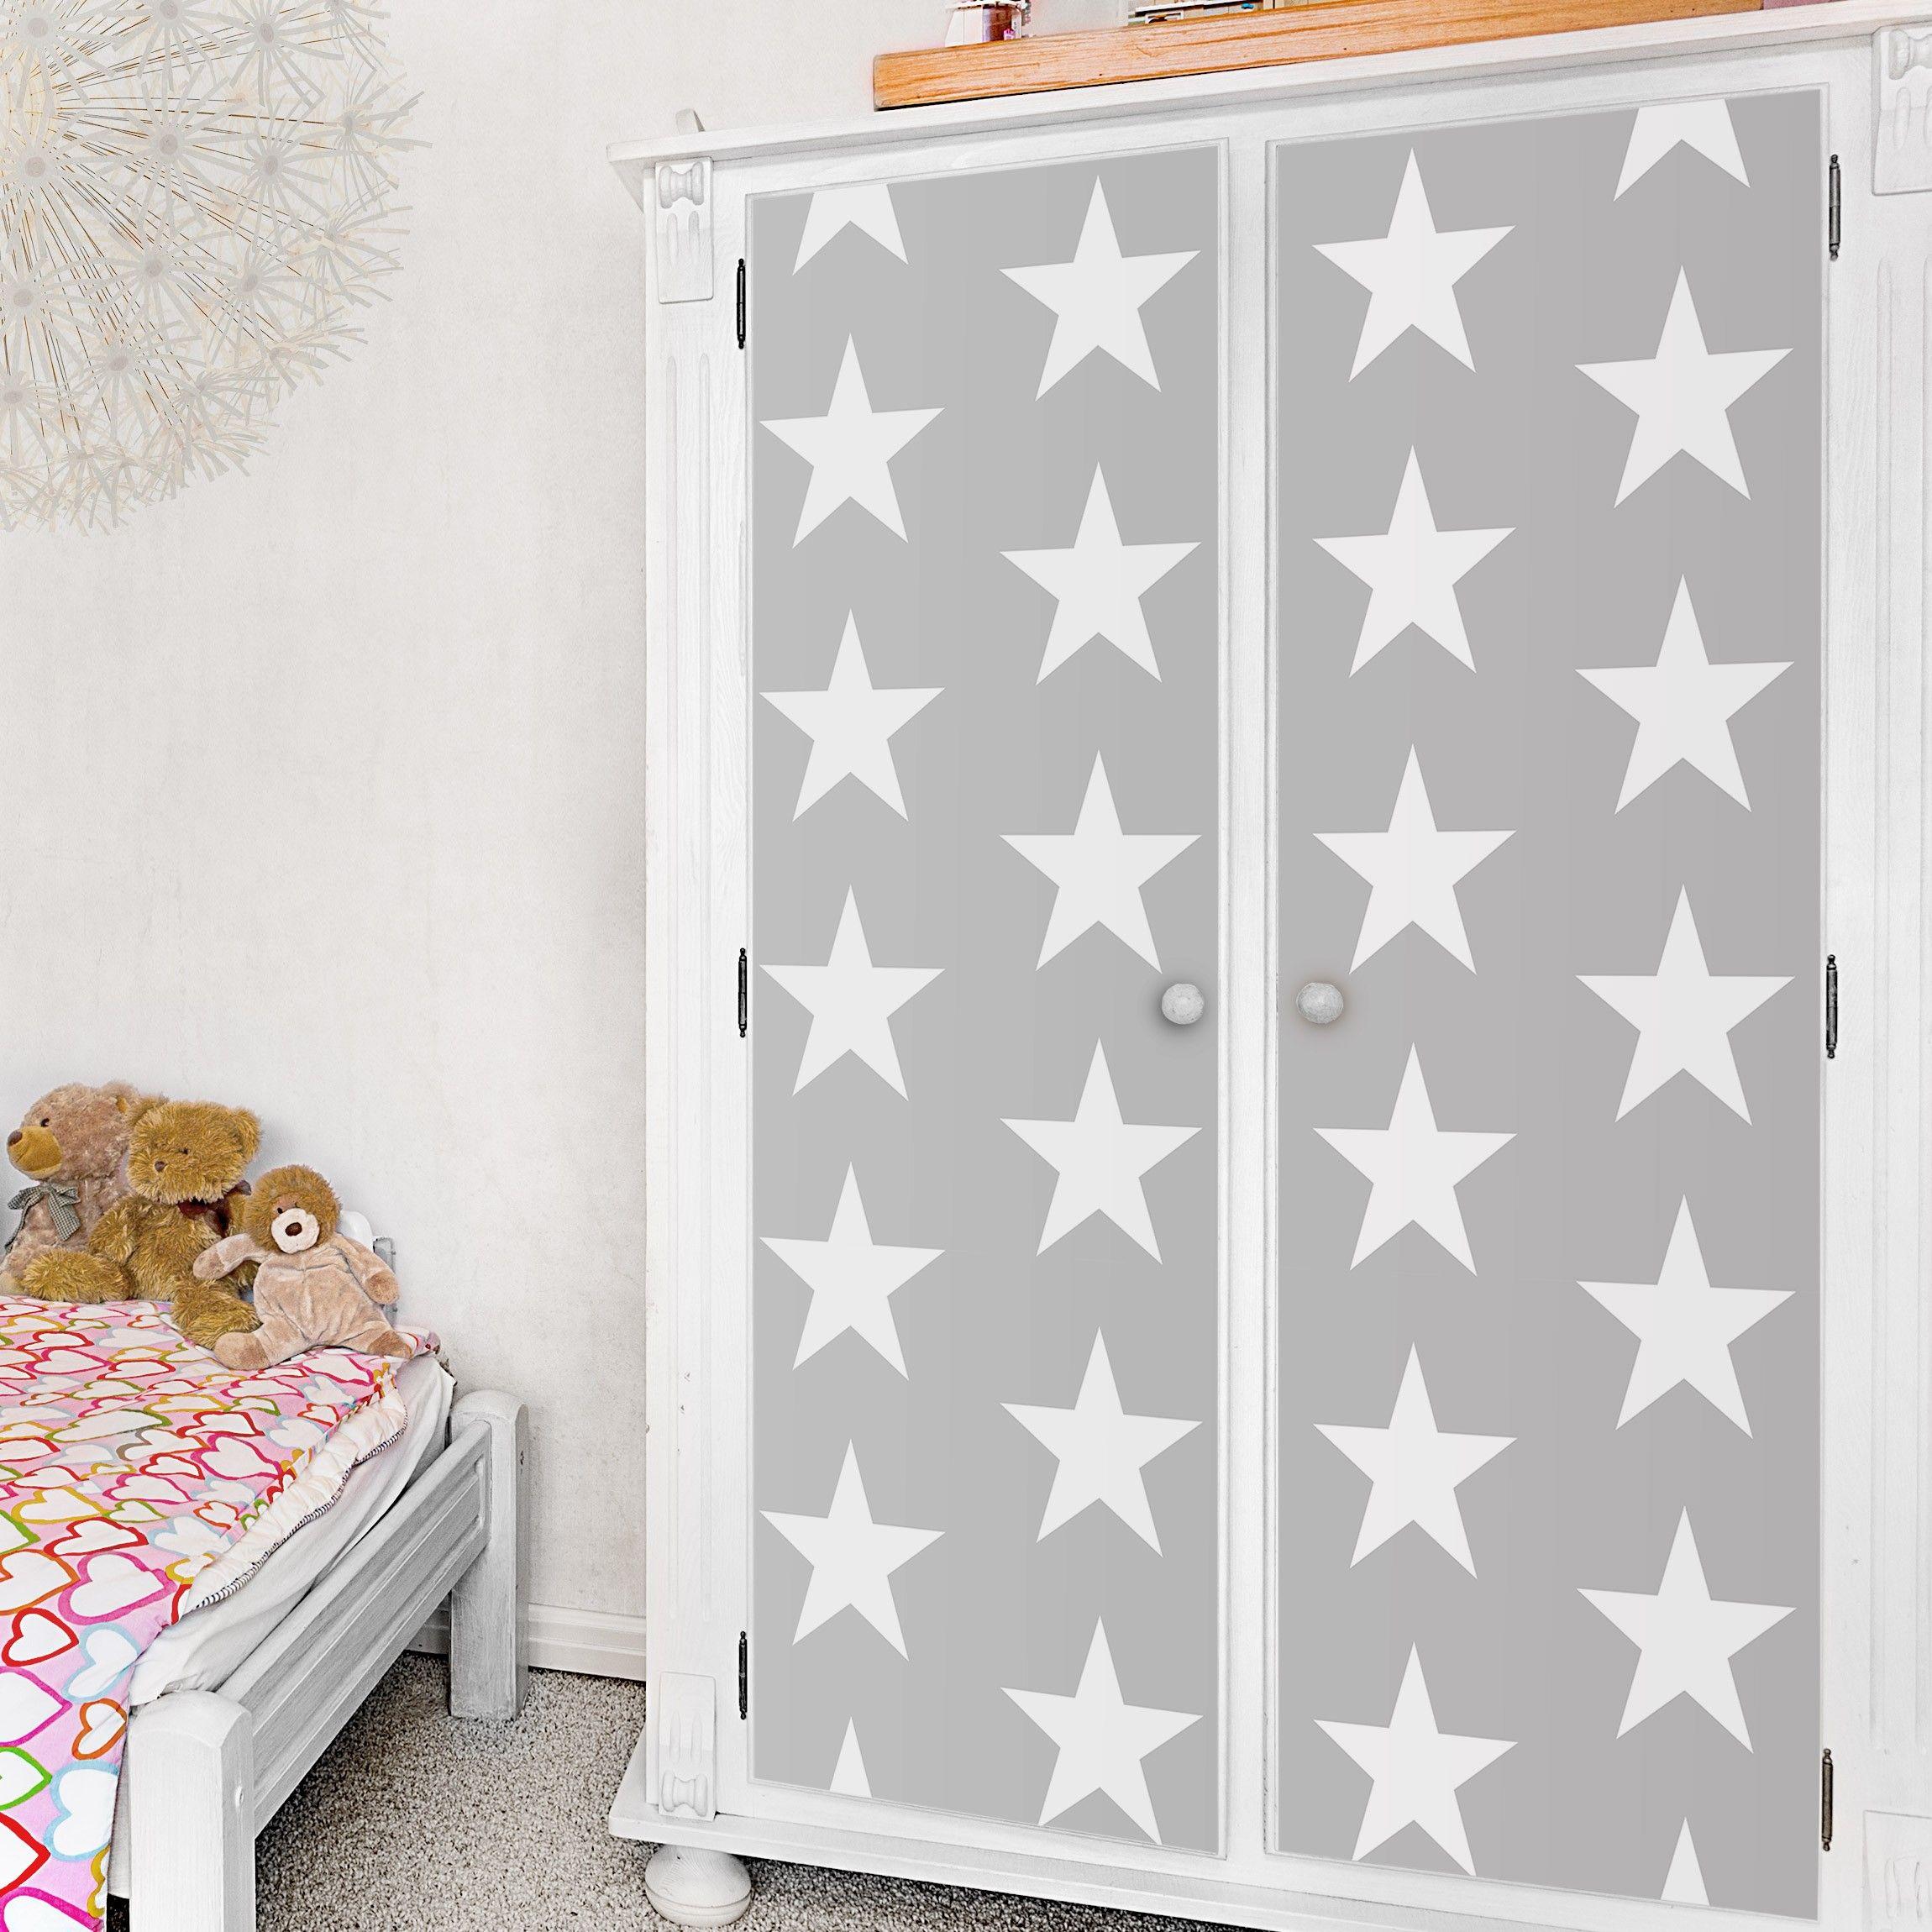 Weiße Möbel: Weiße Sterne Auf Grau